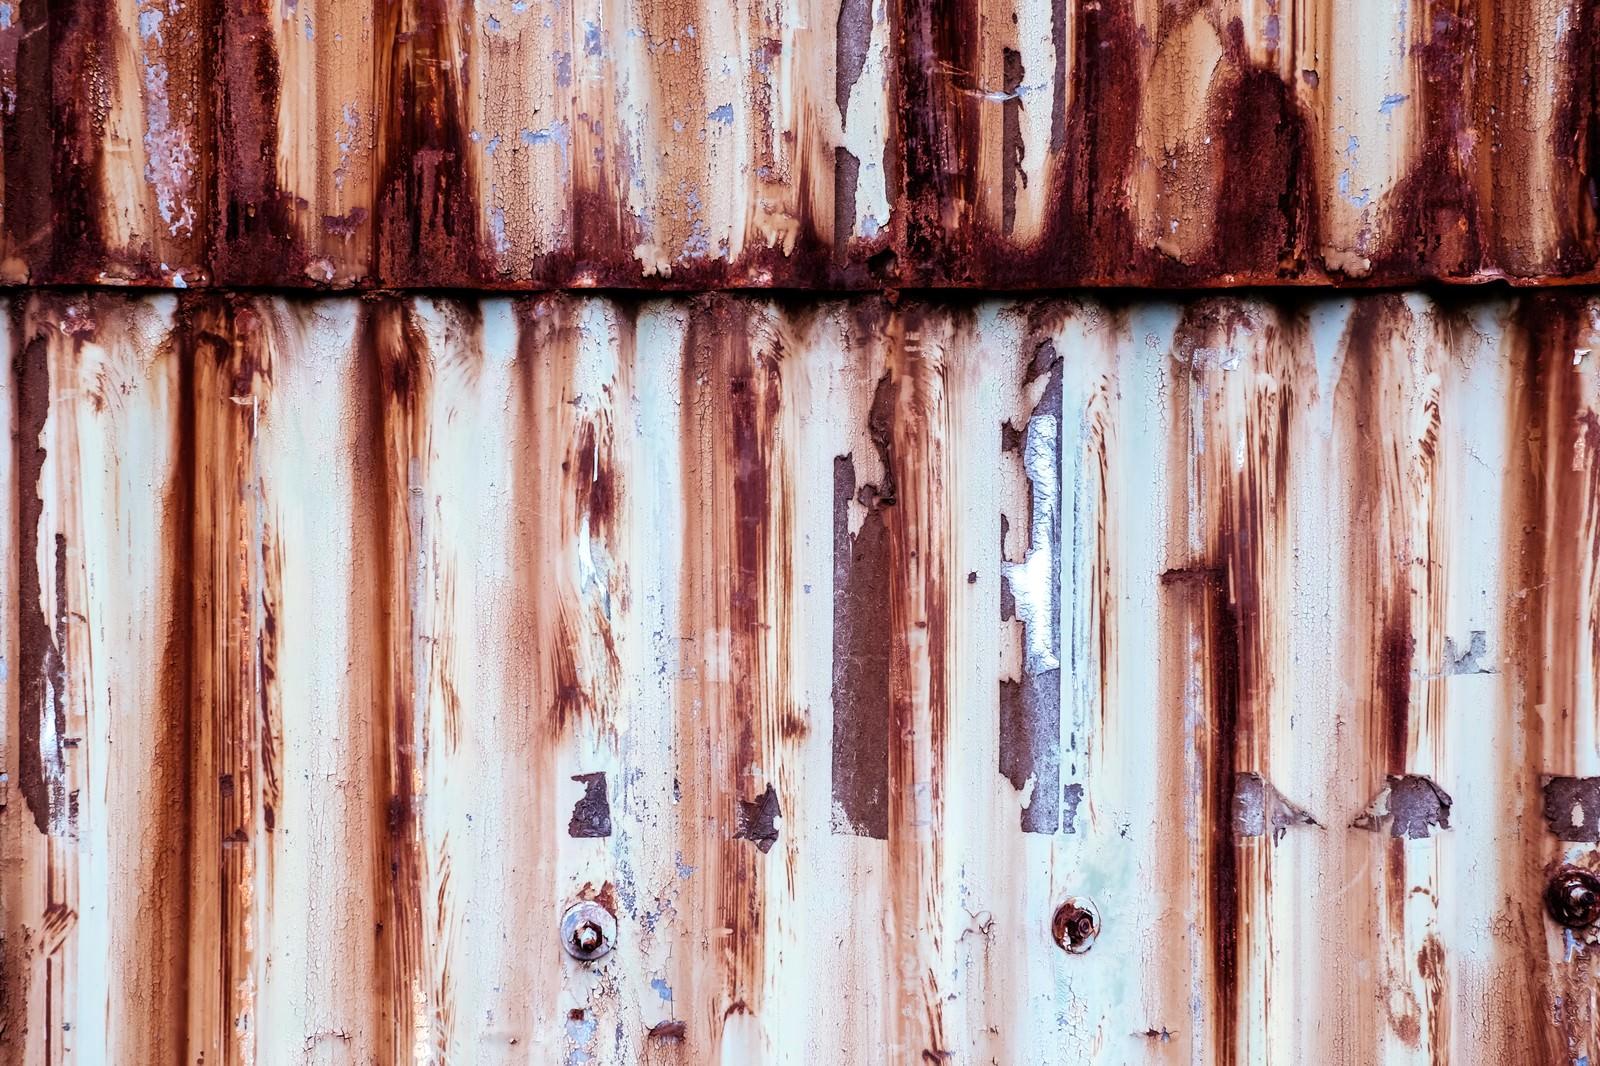 「茶色くサビたトタンのテクスチャー」の写真